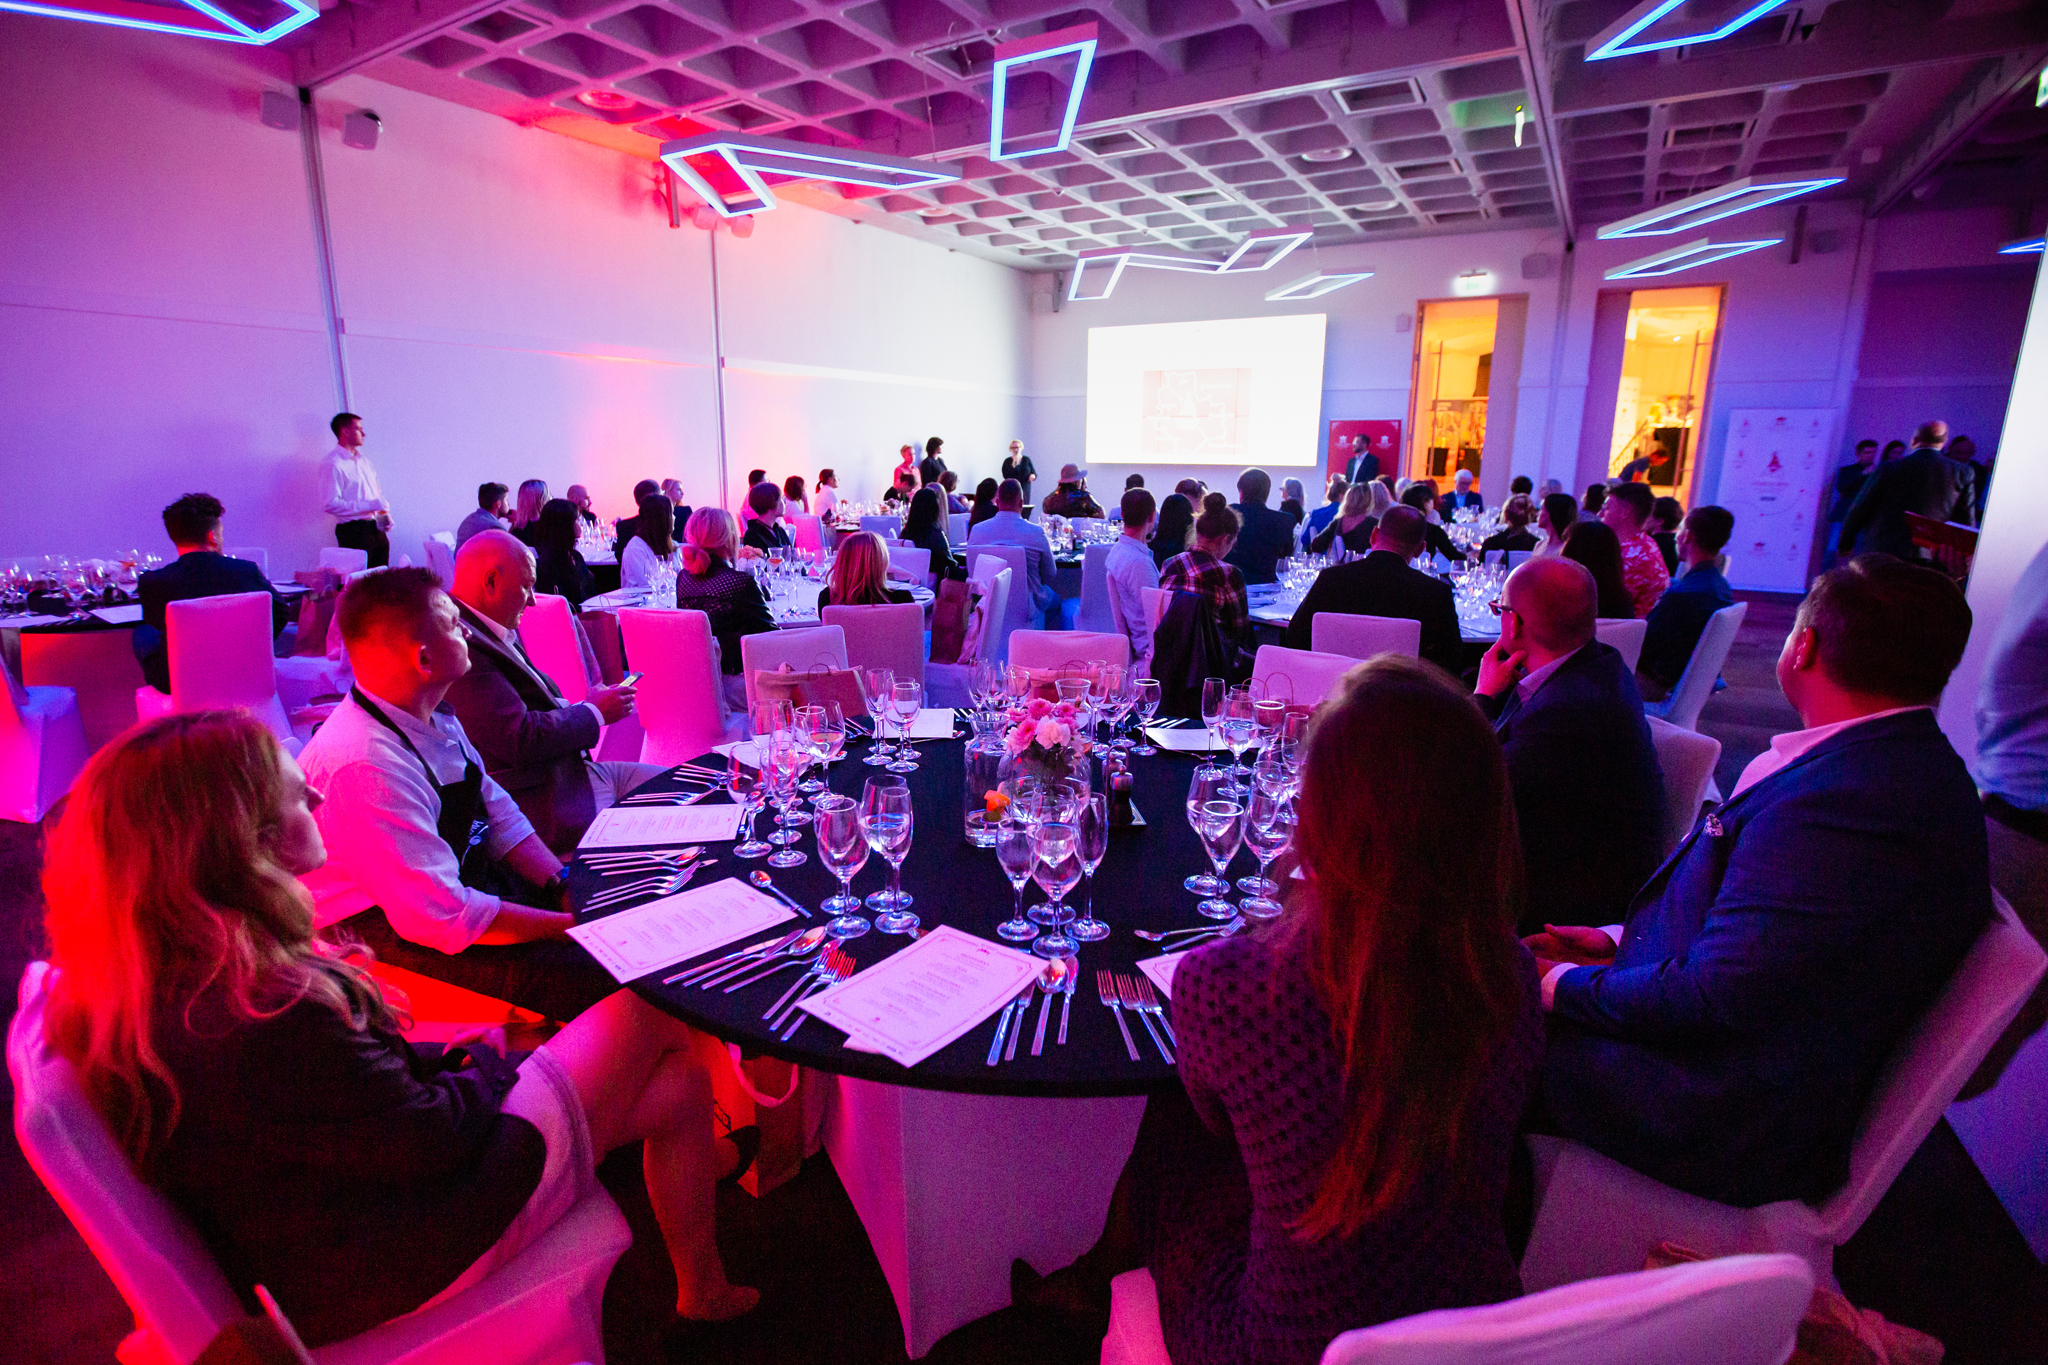 Inauguracyjną kolację zaszczycili przedstawiciele warszawskiej gastronomii, Urzędu Miasta oraz dziennikarze